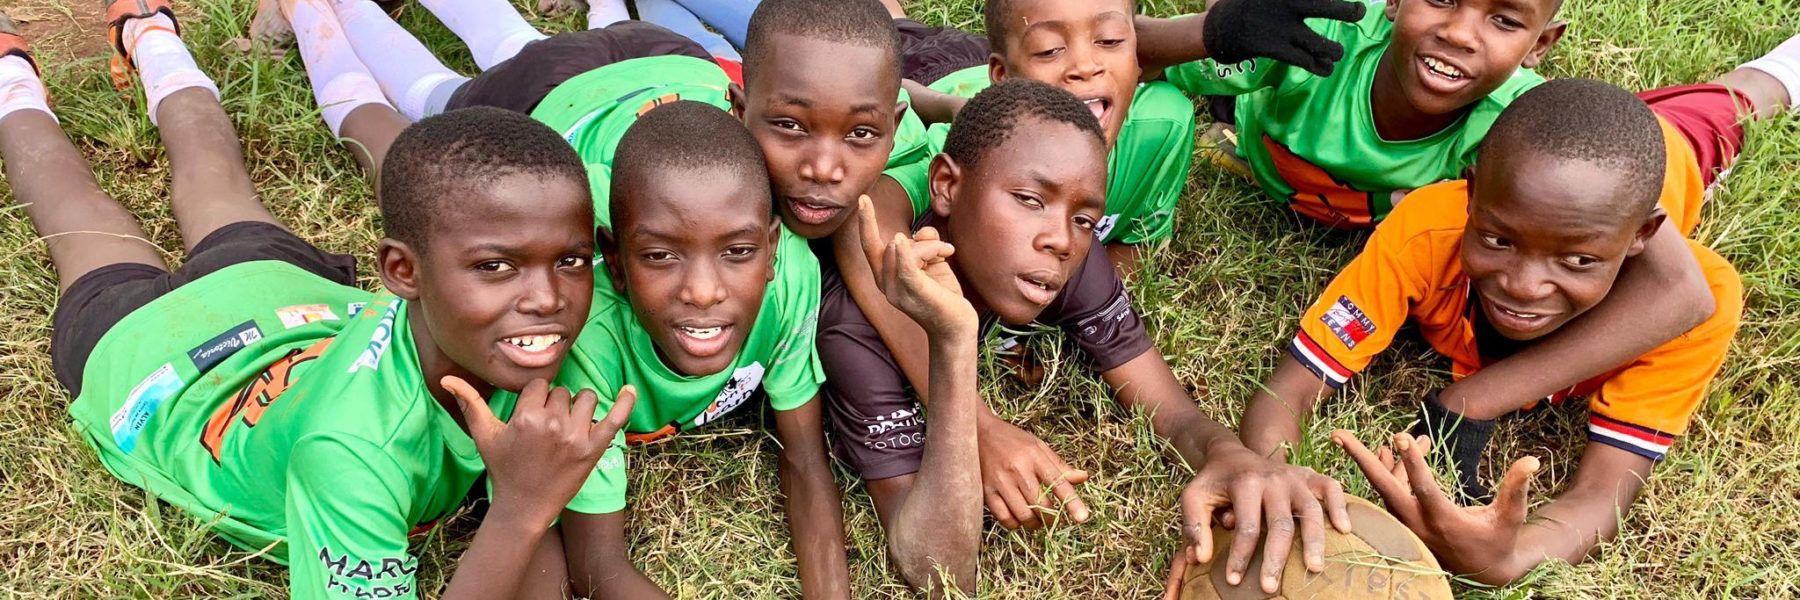 BTL NGO Tanzania Moshi - activities